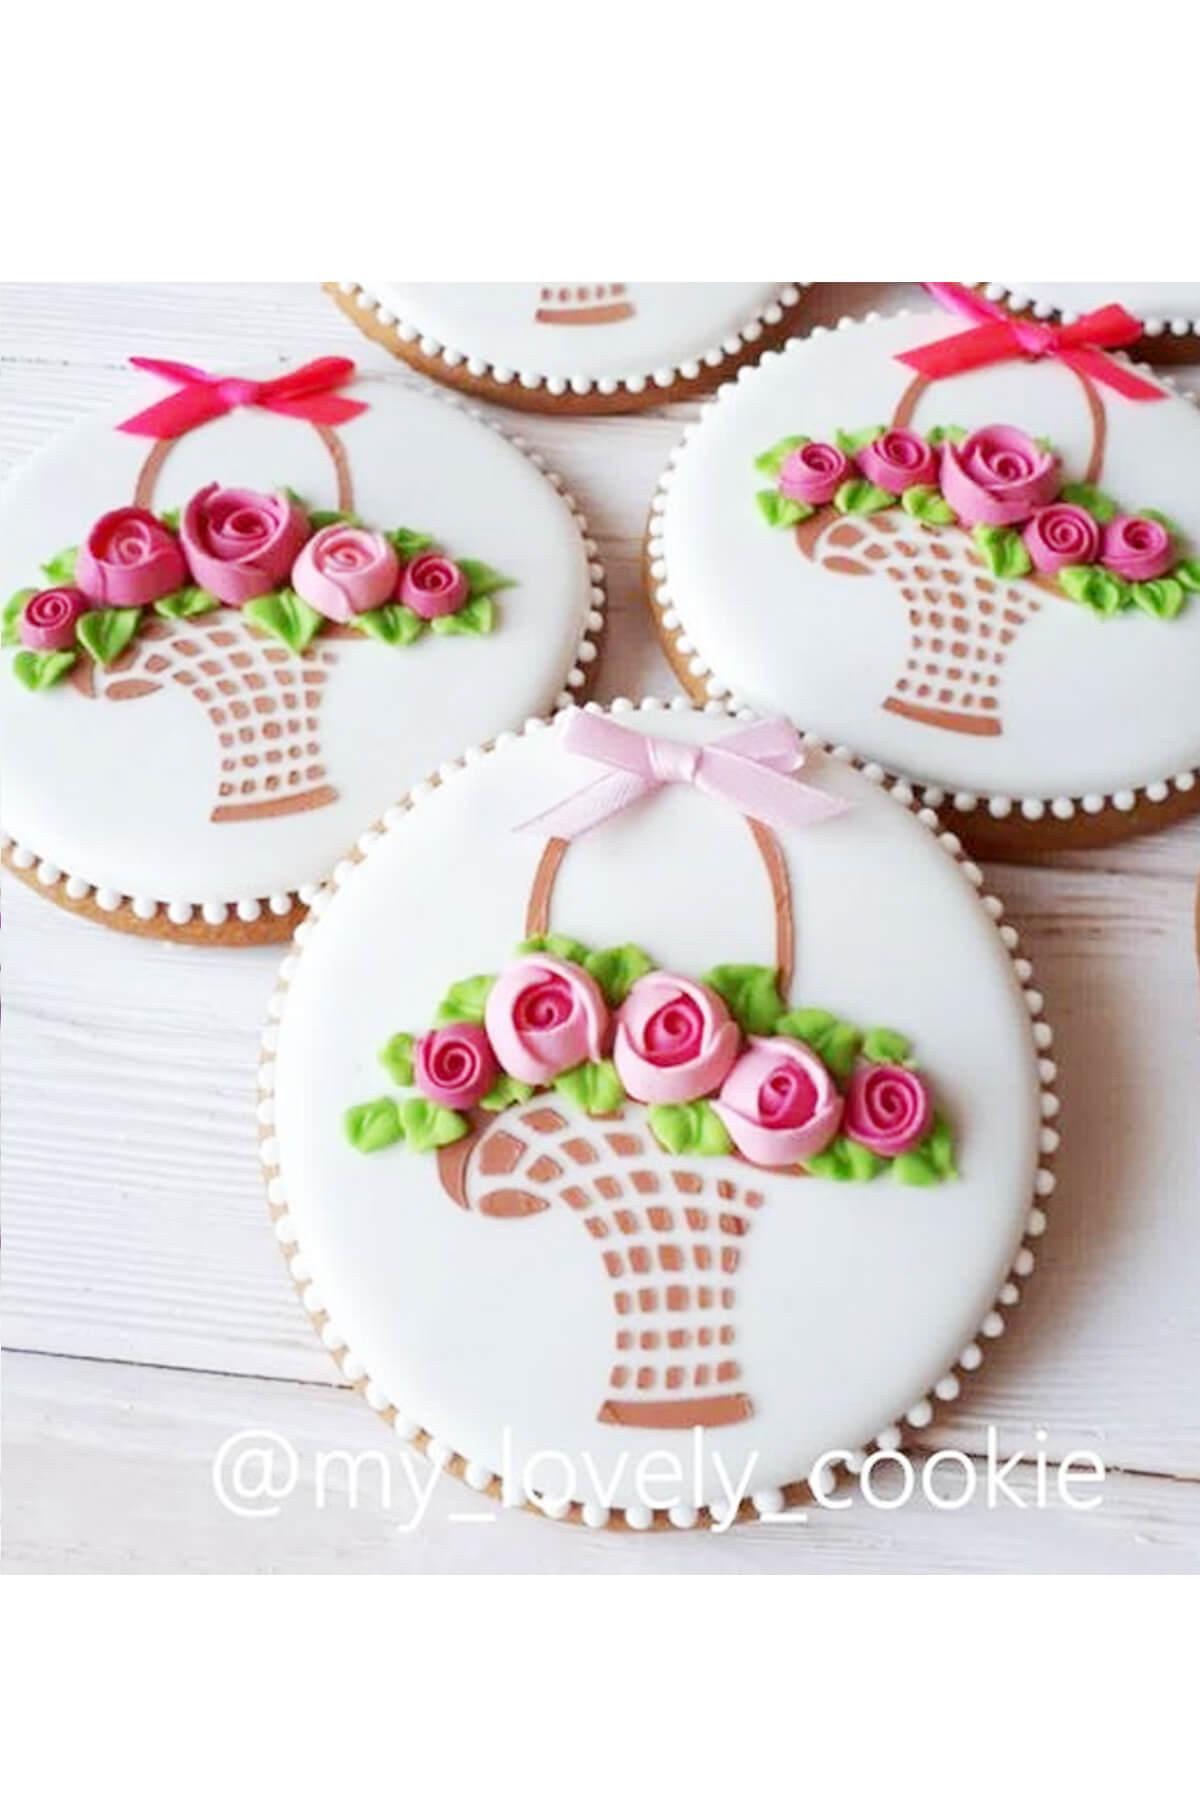 Bánh Cookie trang trí hình lẳng hoa mới lạ và dễ thương